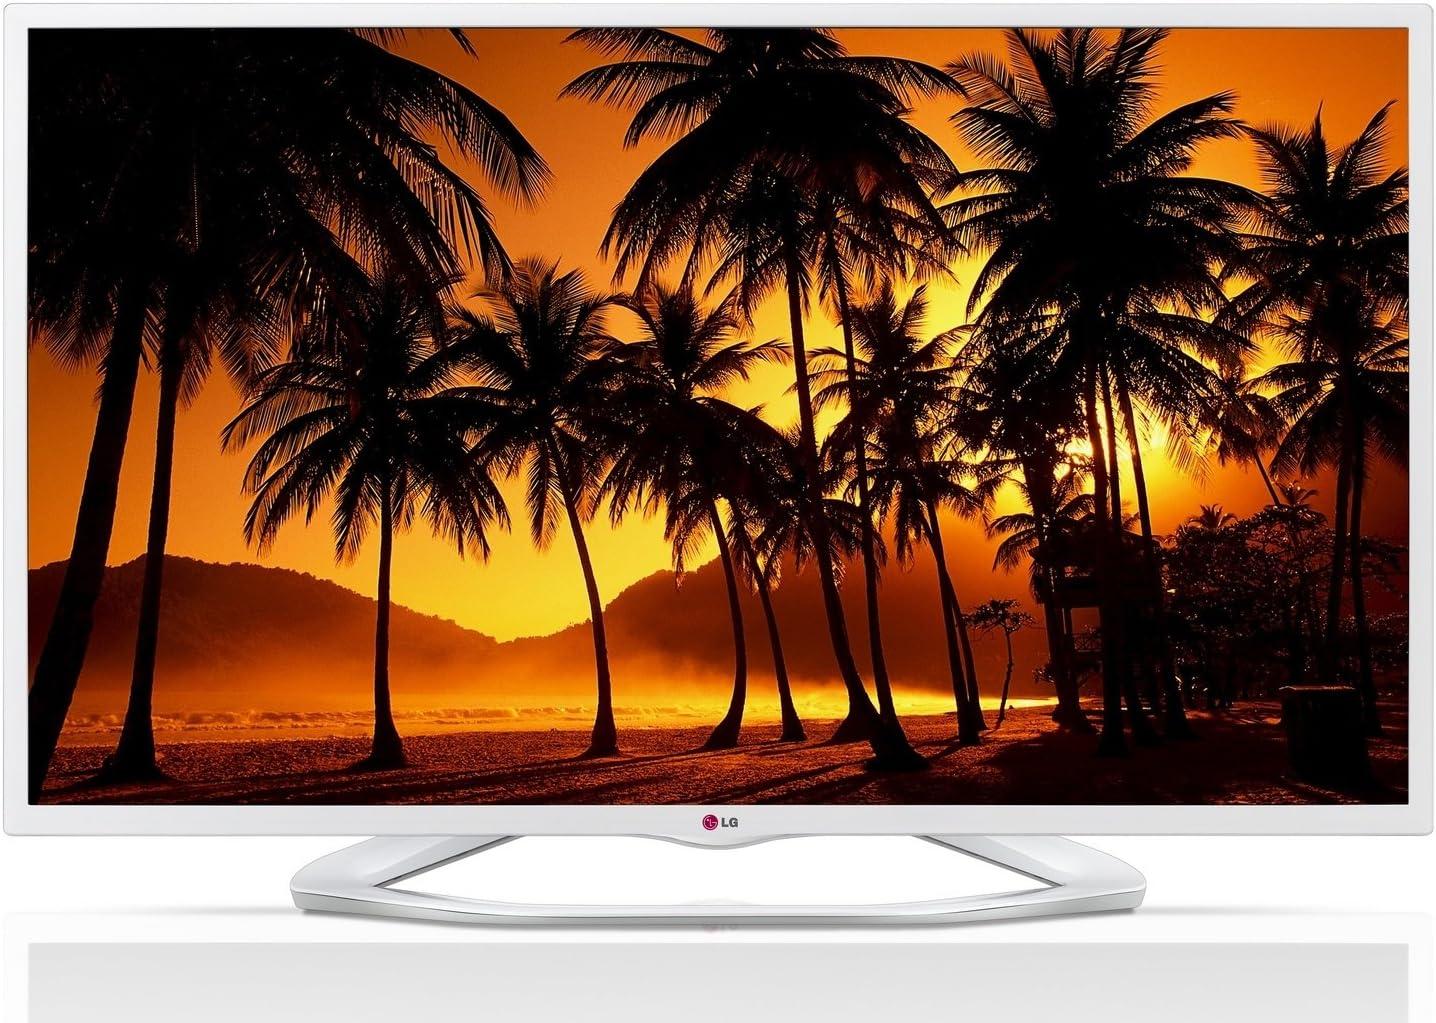 LG 42LN577S LED TV - Televisor (106,68 cm (42